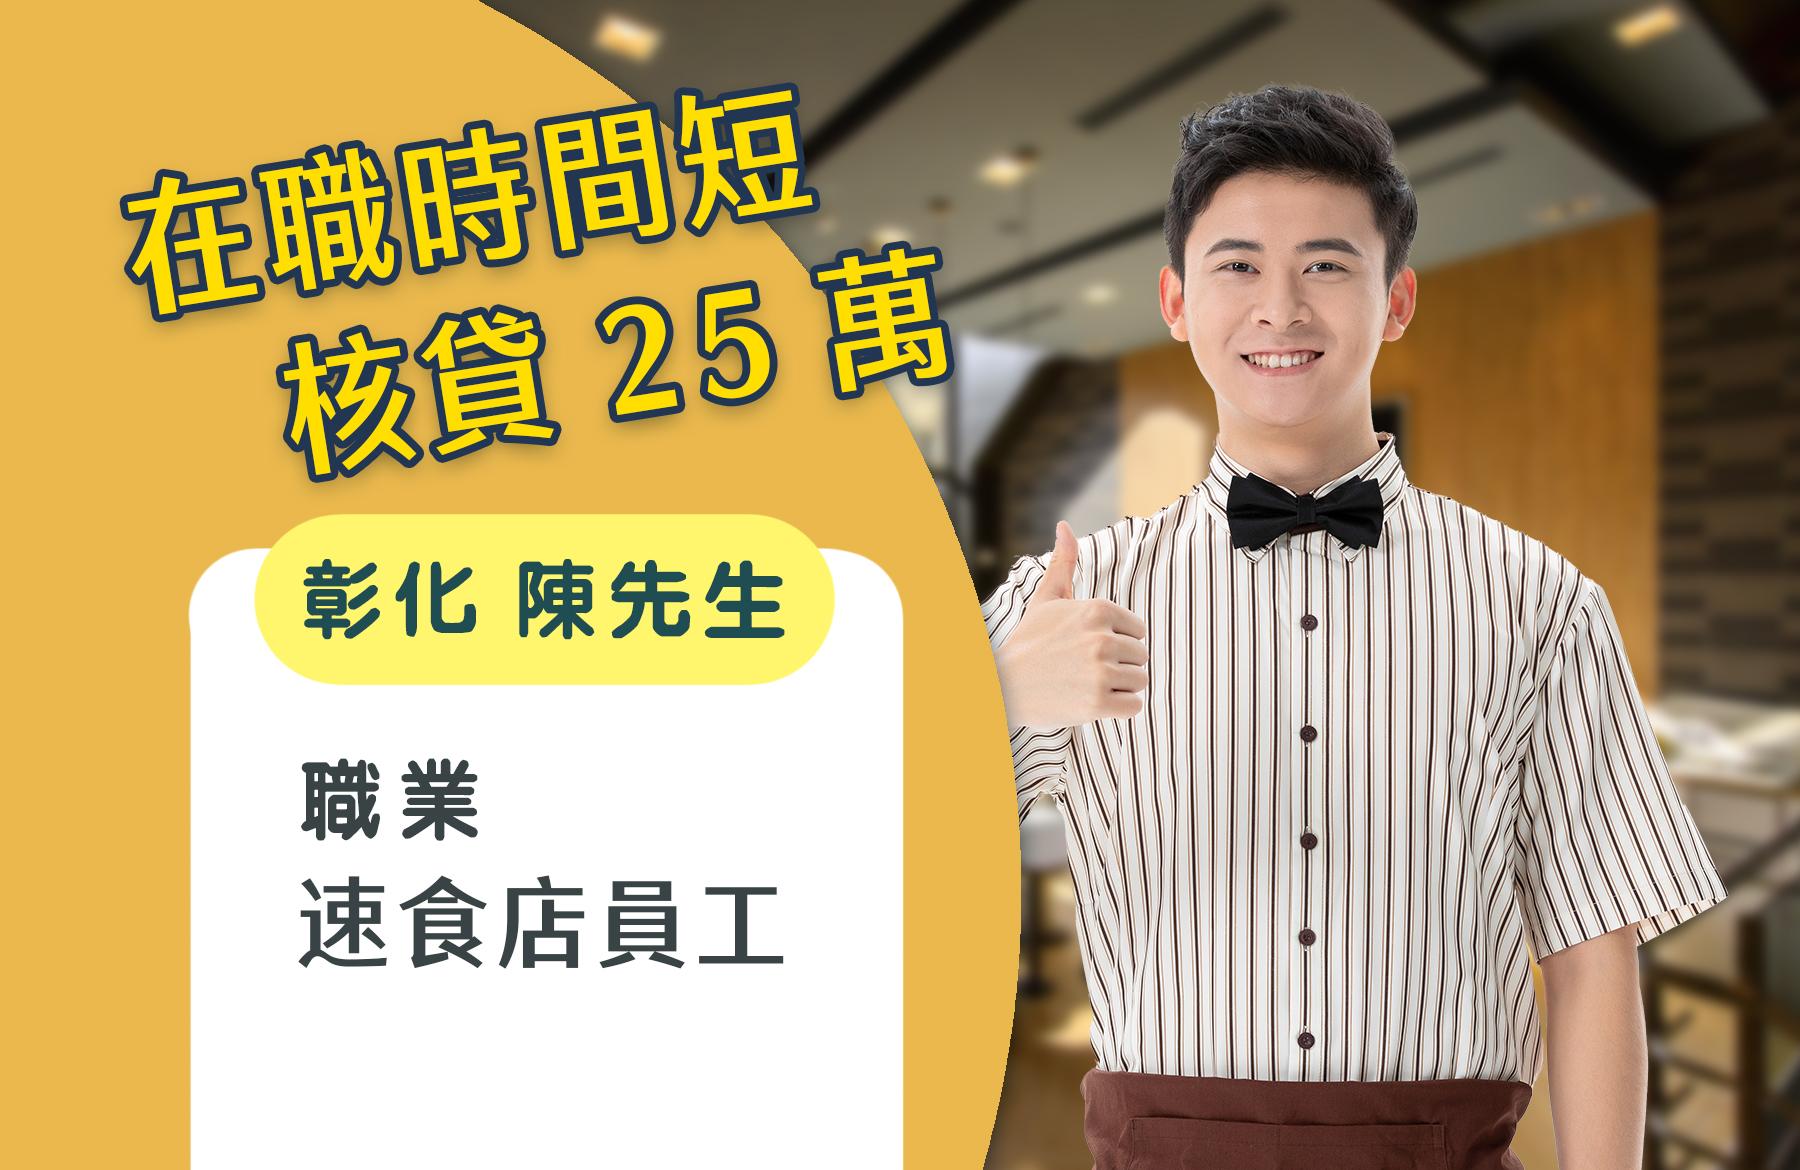 彰化陳先生 速食店0615